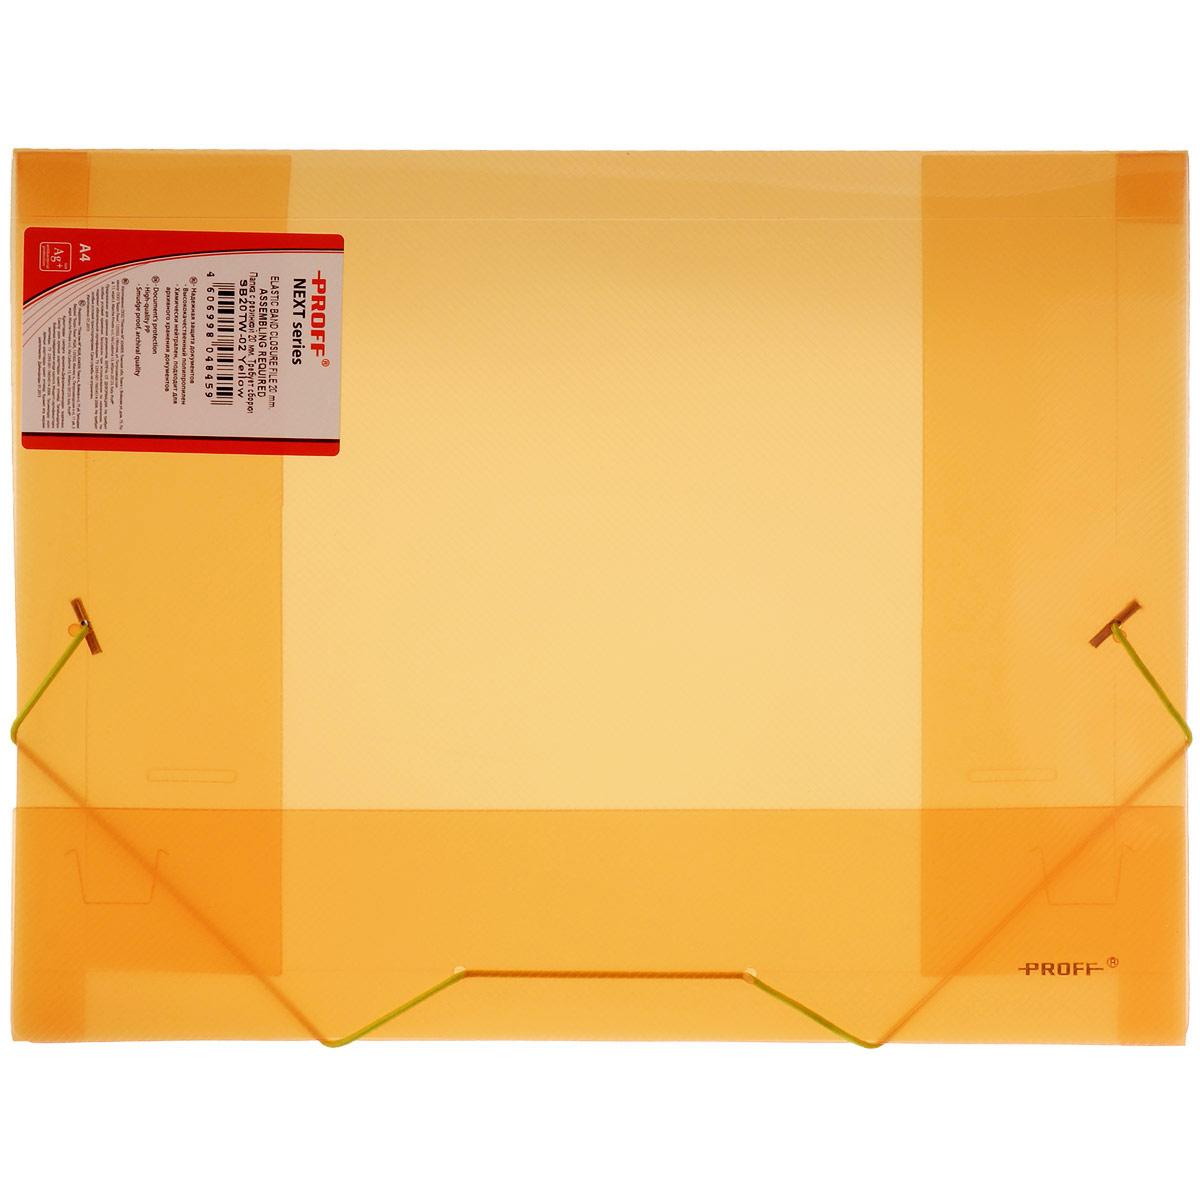 Папка на резинке Proff Next, цвет: желтый, 3 клапана. Формат А4. SB20TW-02SB20TW-02Папка на резинке Proff Next, изготовленная из высококачественного плотного полипропилена, это удобный и практичный офисный инструмент, предназначенный для хранения и транспортировки рабочих бумаг и документов формата А4. Полупрозрачная папка, оснащенная тремя клапанами внутри для надежного удержания бумаг, закрывается при помощи угловых резинок. Согнув клапаны по линии биговки, можно легко увеличить объем папки, что позволит вместить большее количество документов. Папка на резинке - это незаменимый атрибут для студента, школьника, офисного работника. Такая папка надежно сохранит ваши документы и сбережет их от повреждений, пыли и влаги.